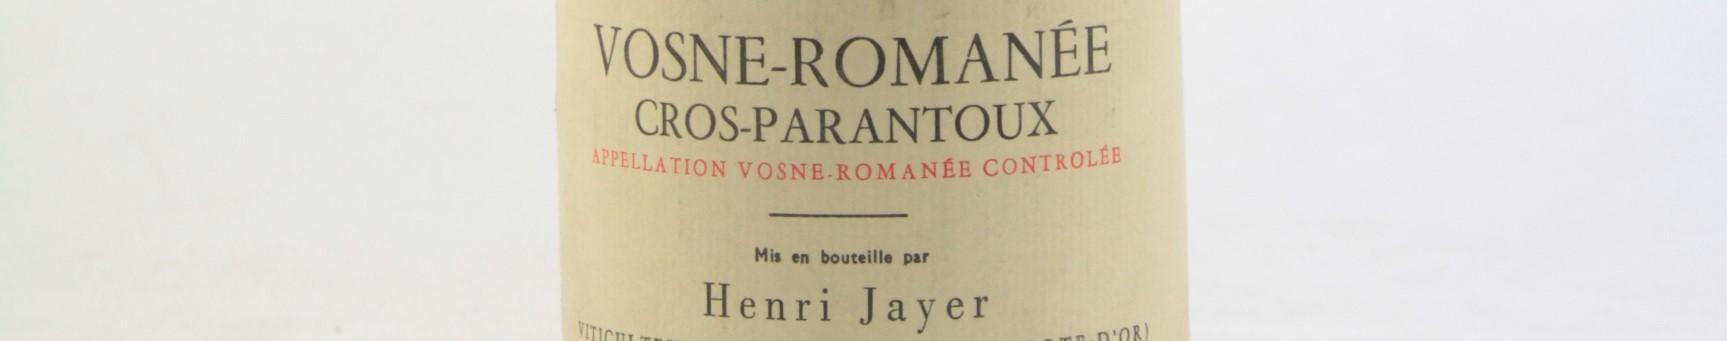 La photo montre une bouteille de vin de Nuits saint georges 1er cru cros parantoux du Domaine Henri Jayer situé à vosne romanée en Bourgogne